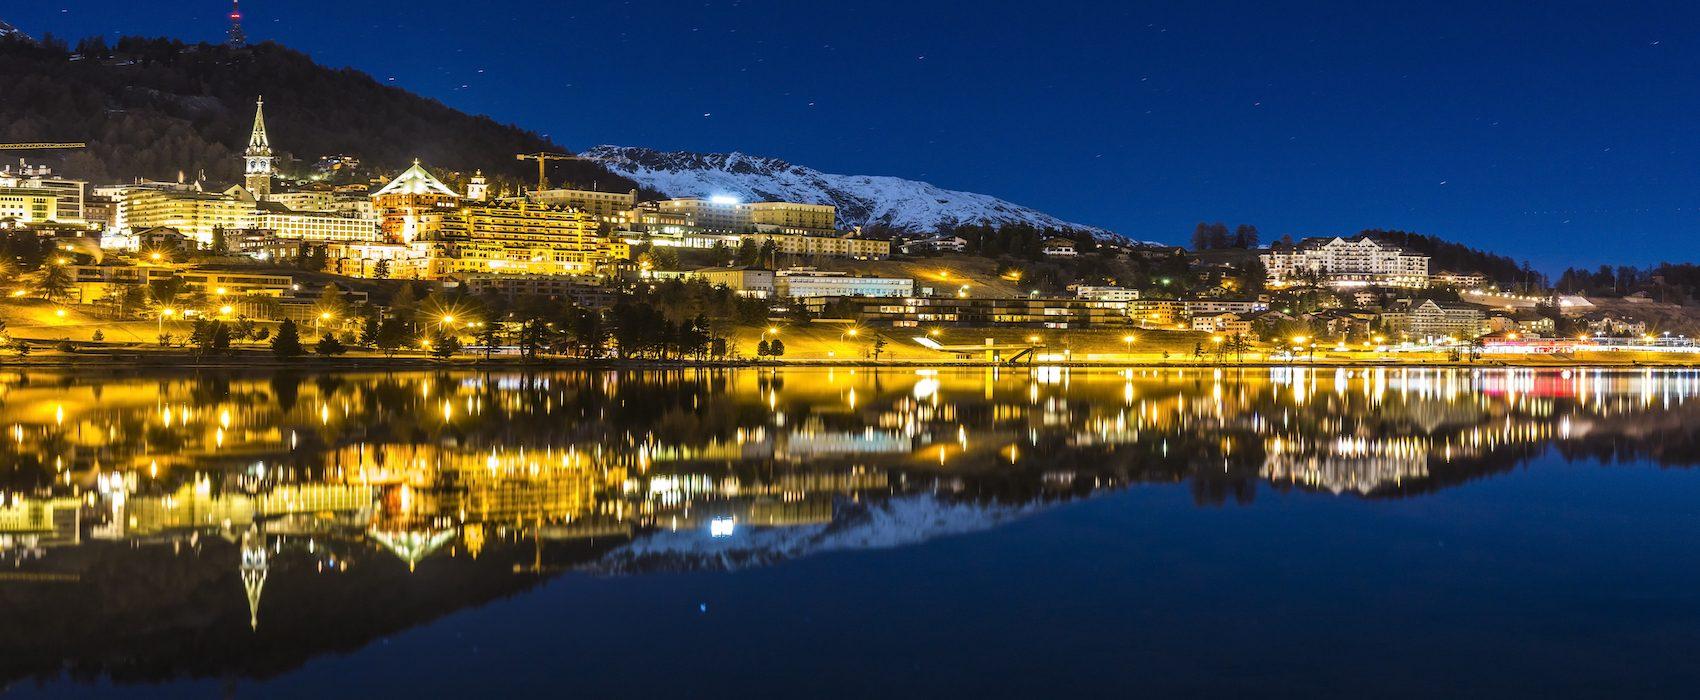 Stelvio, Tyrol and St Moritz